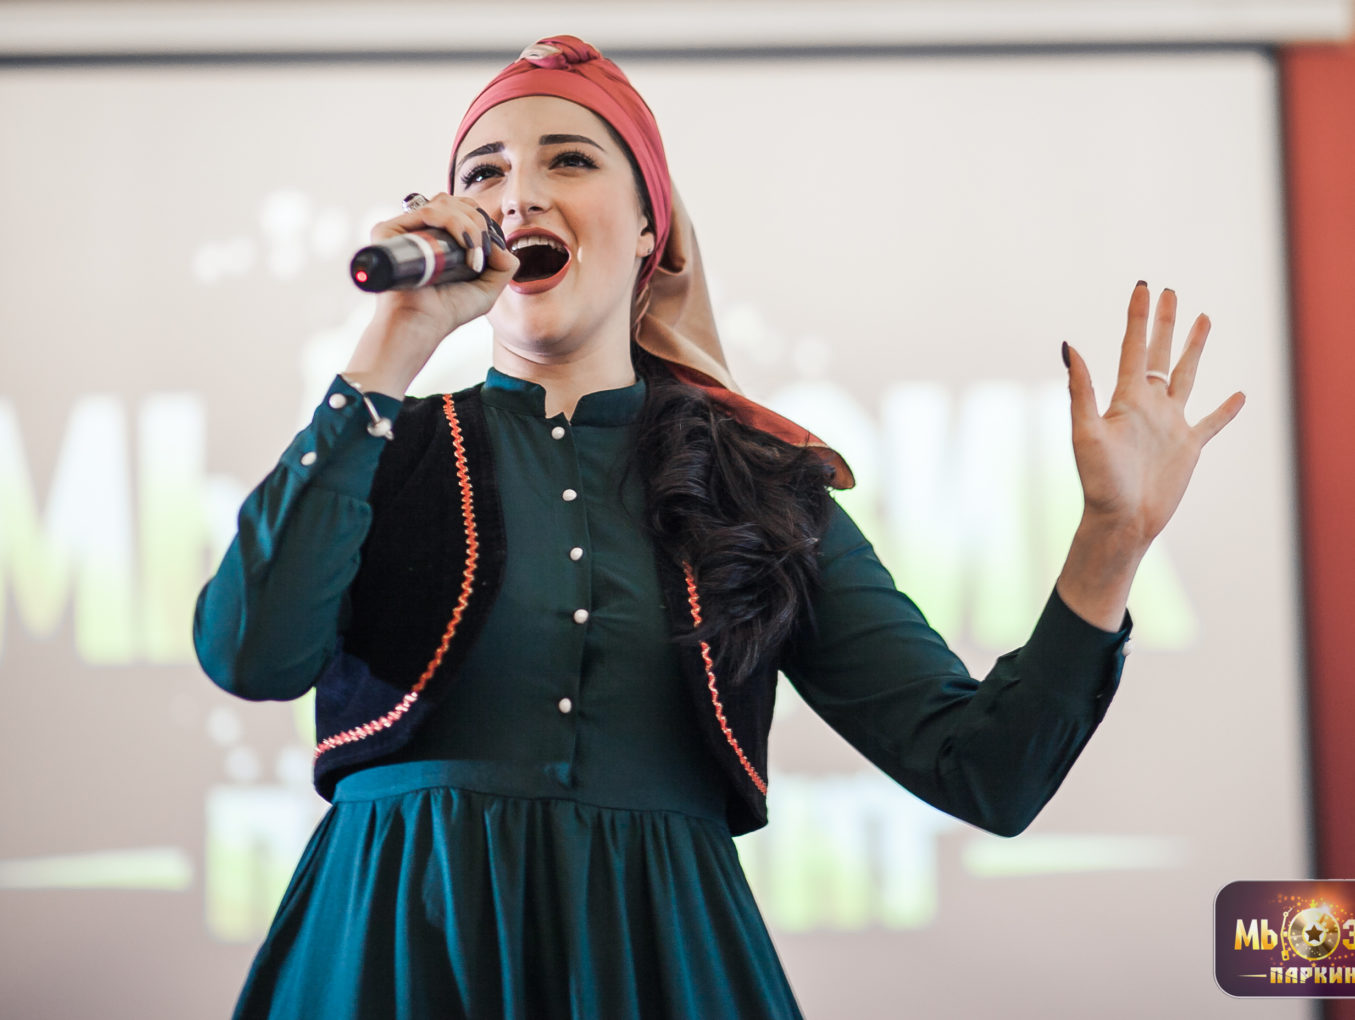 Карина Рагимова выступит на Открытии Клуба разговорного иврита в Сохнуте